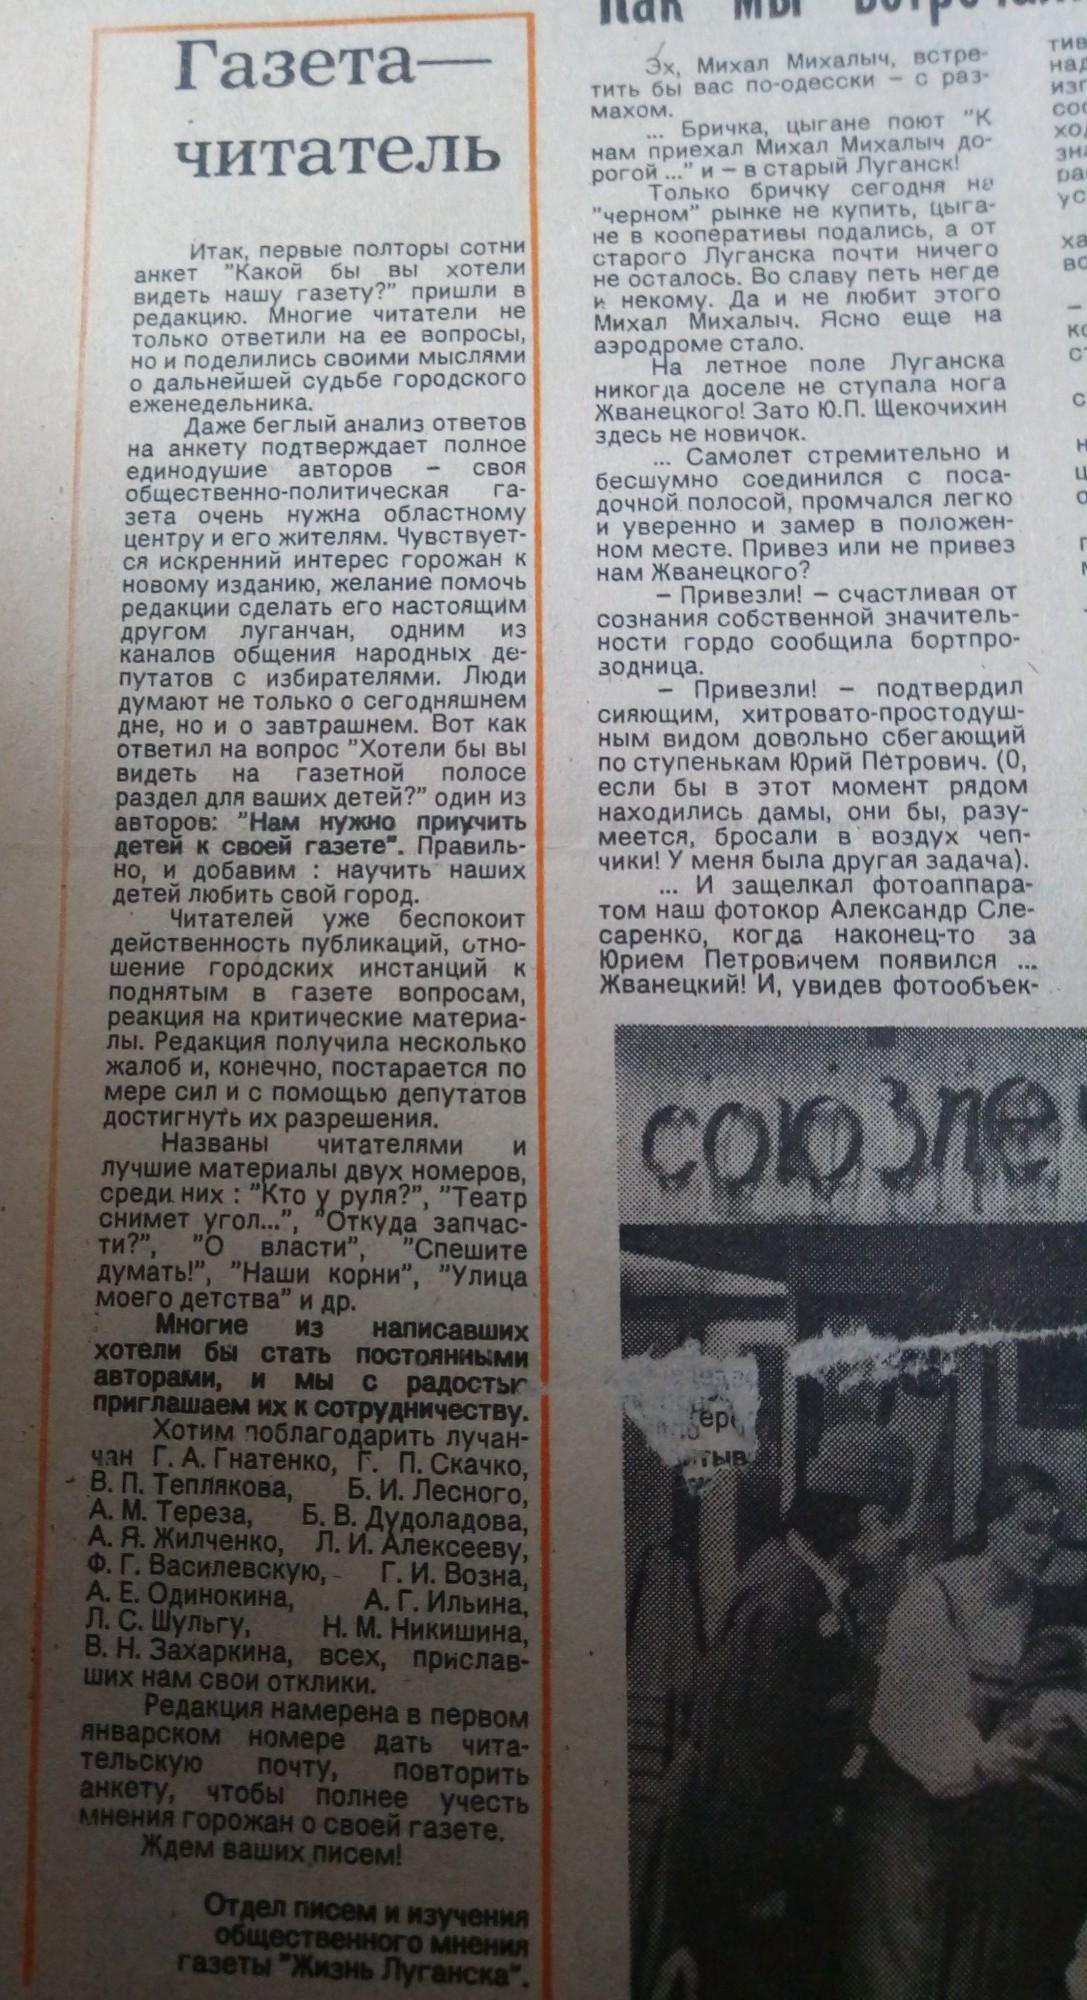 и многие известные впоследствии публицисты начинали именно с Жизни Луганска.